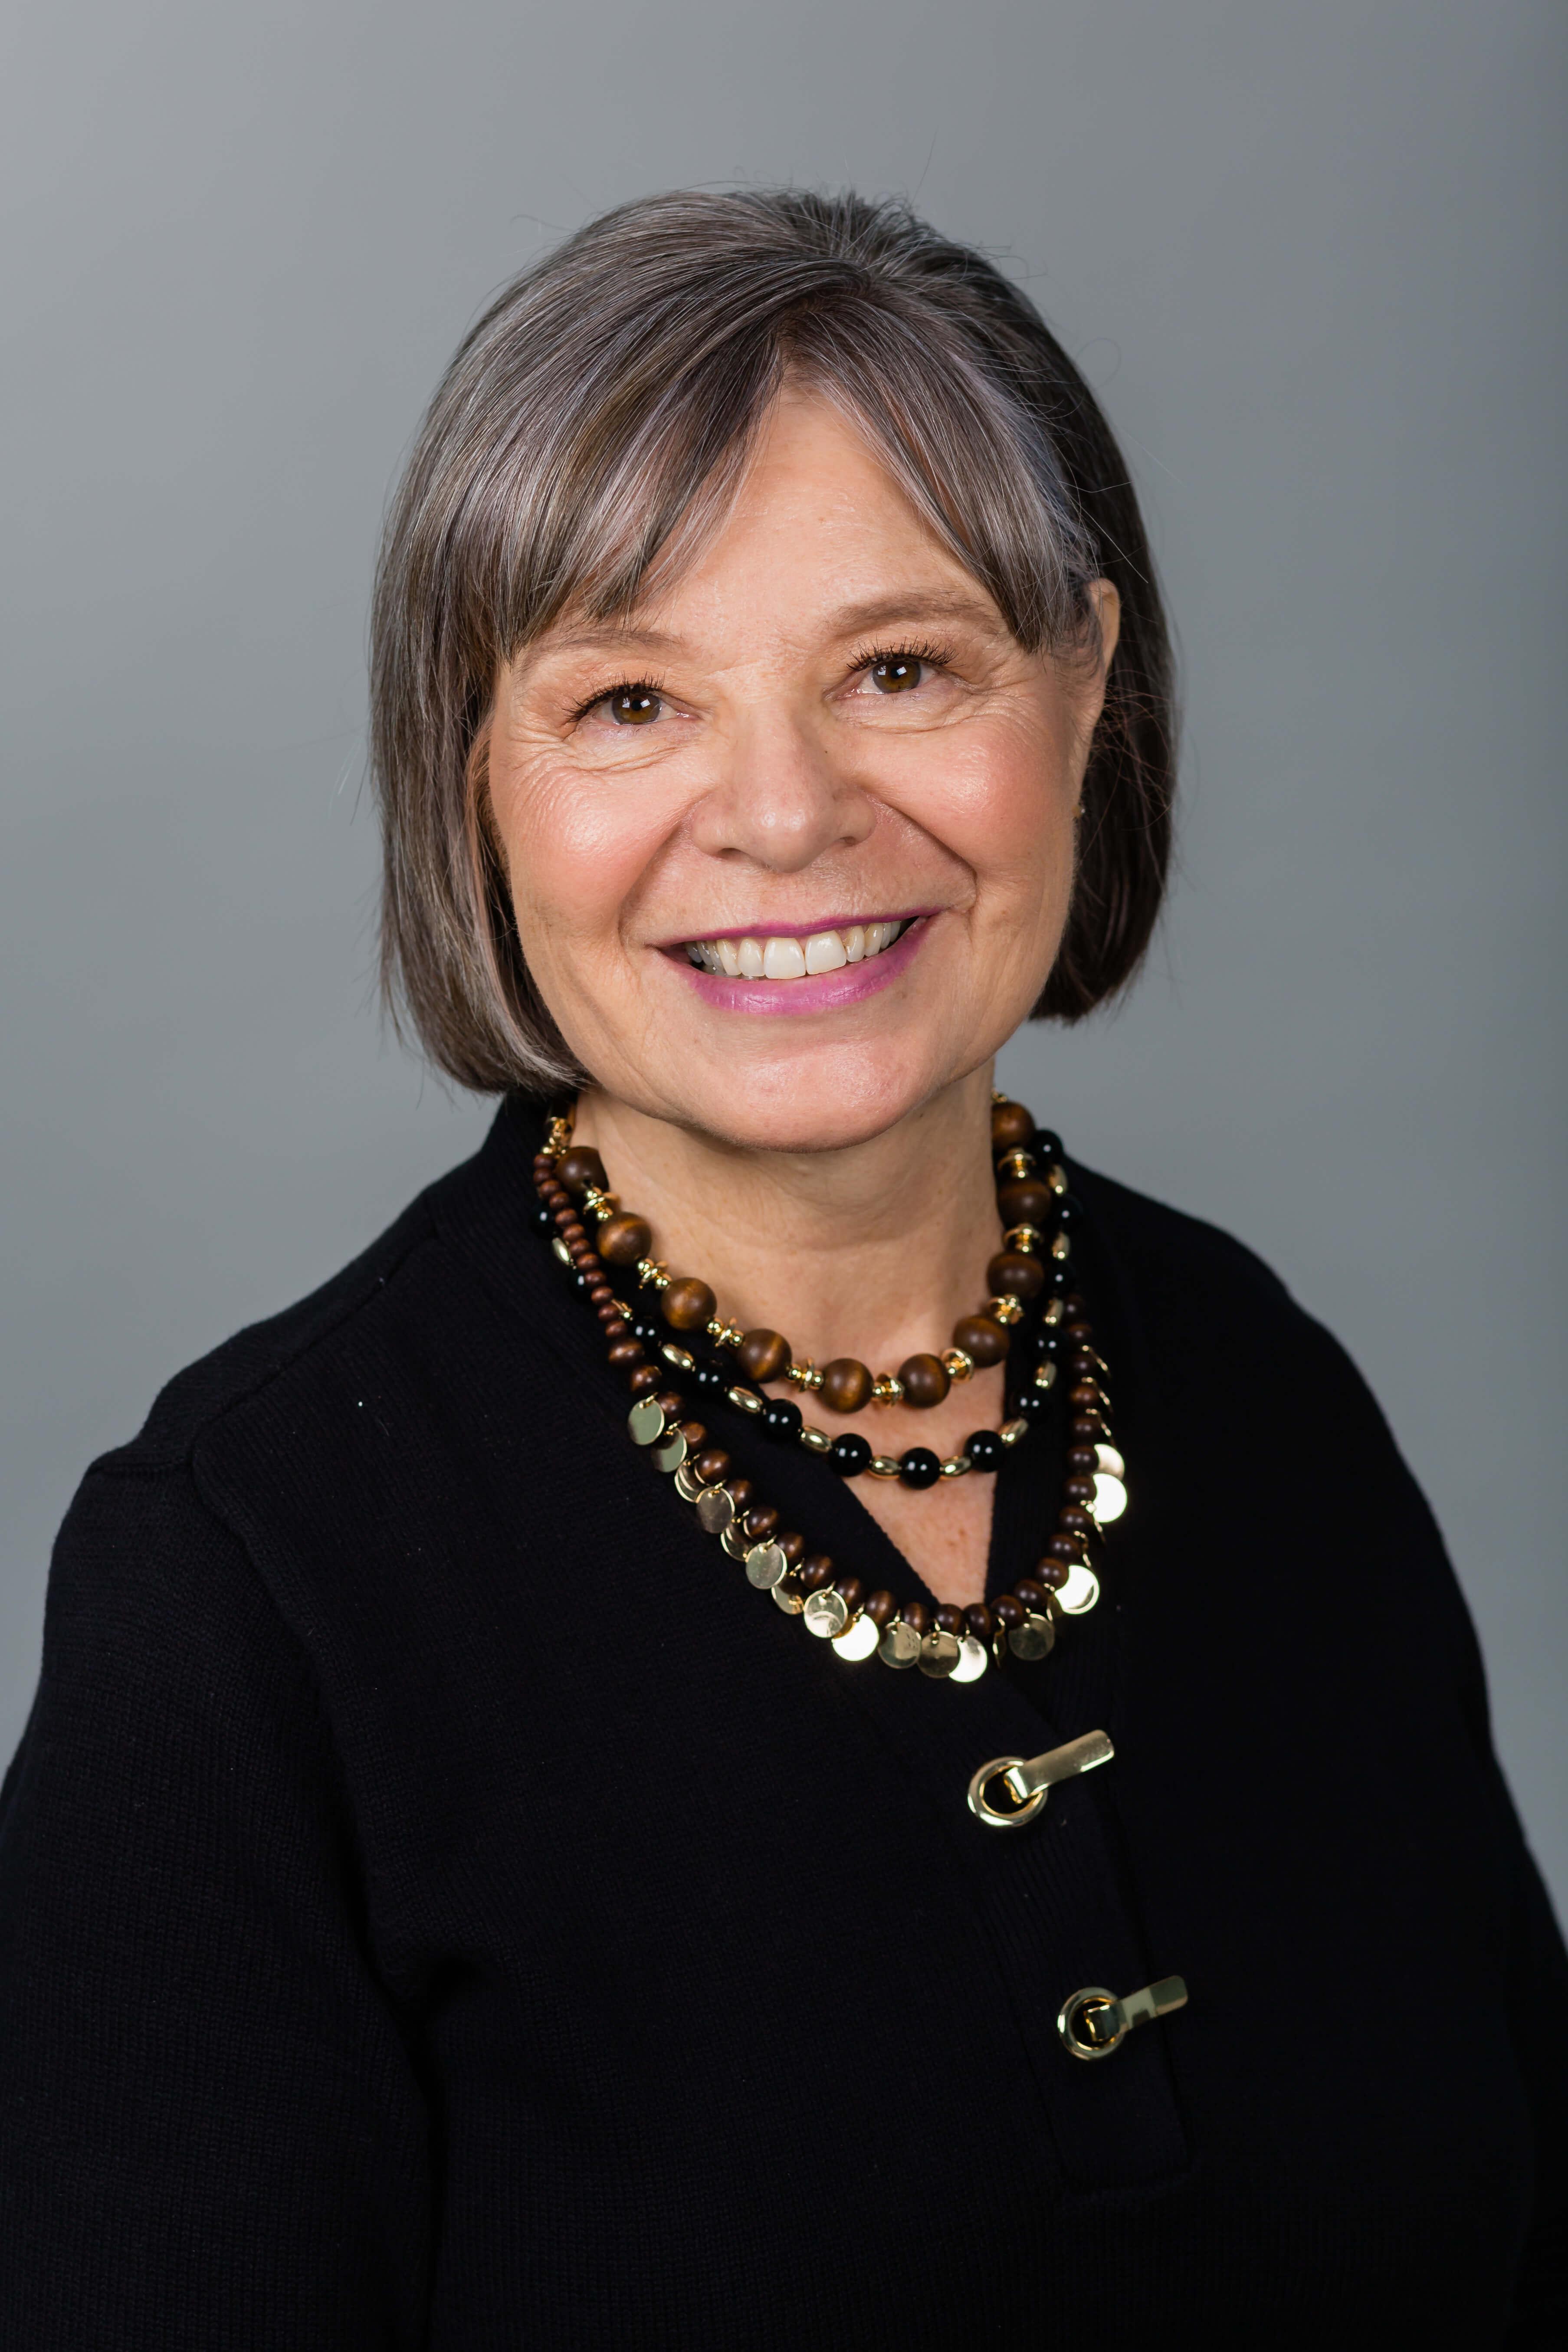 Cheryl Schenk